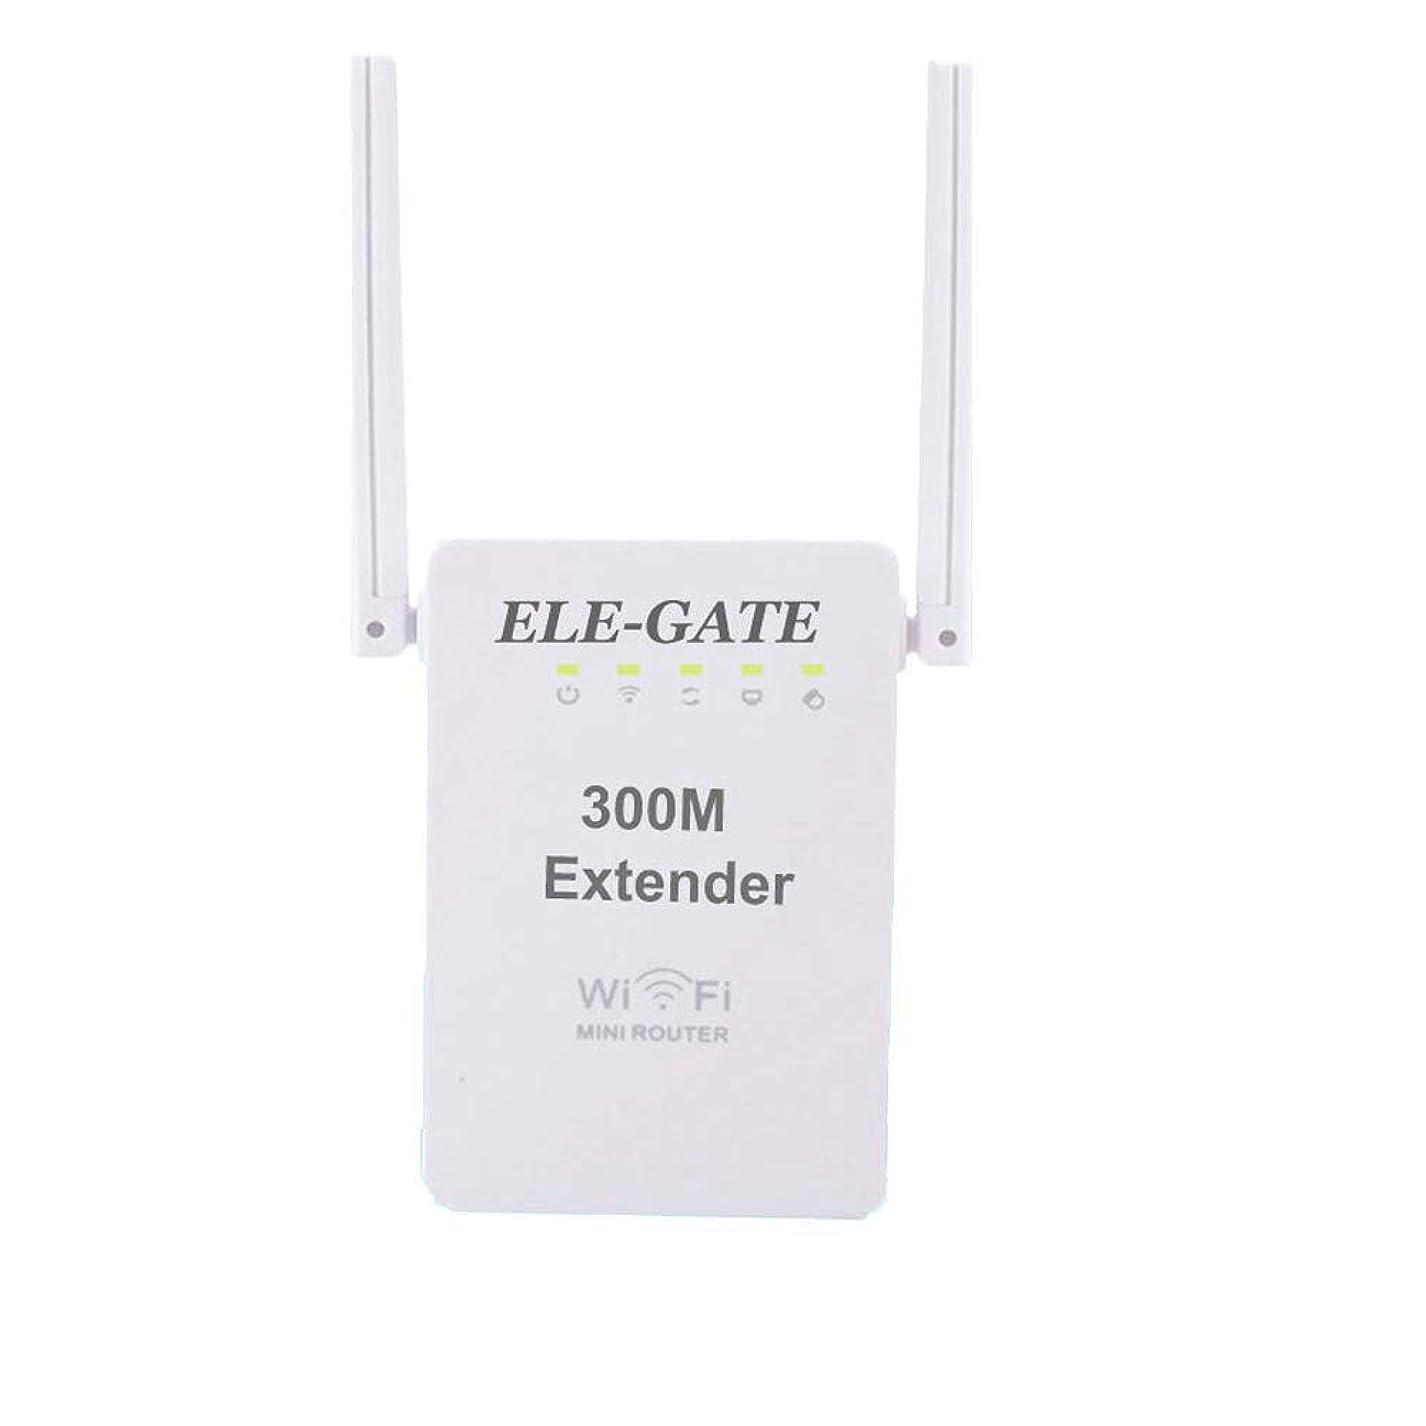 破壊的な拒絶旅行無線LAN信号ブースター、300Mbpsの無線LANエクステンダートランク/ルータデュアルモードリピータ、アクセスポイントの簡単設定アップの外部アンテナ